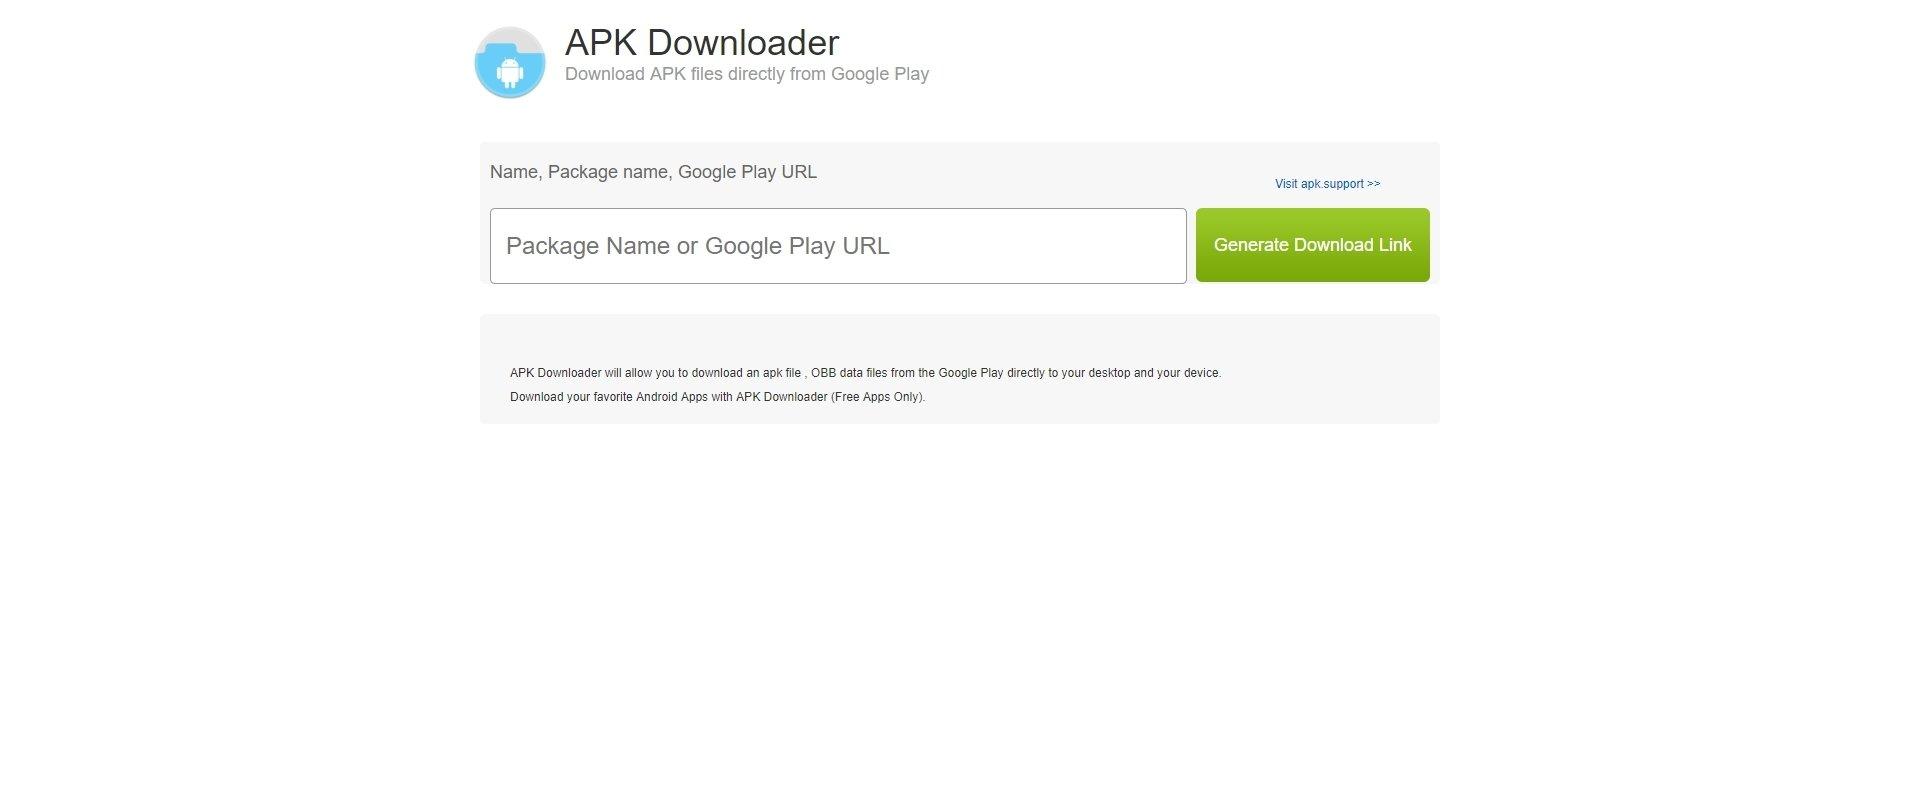 APK Downloader image 3